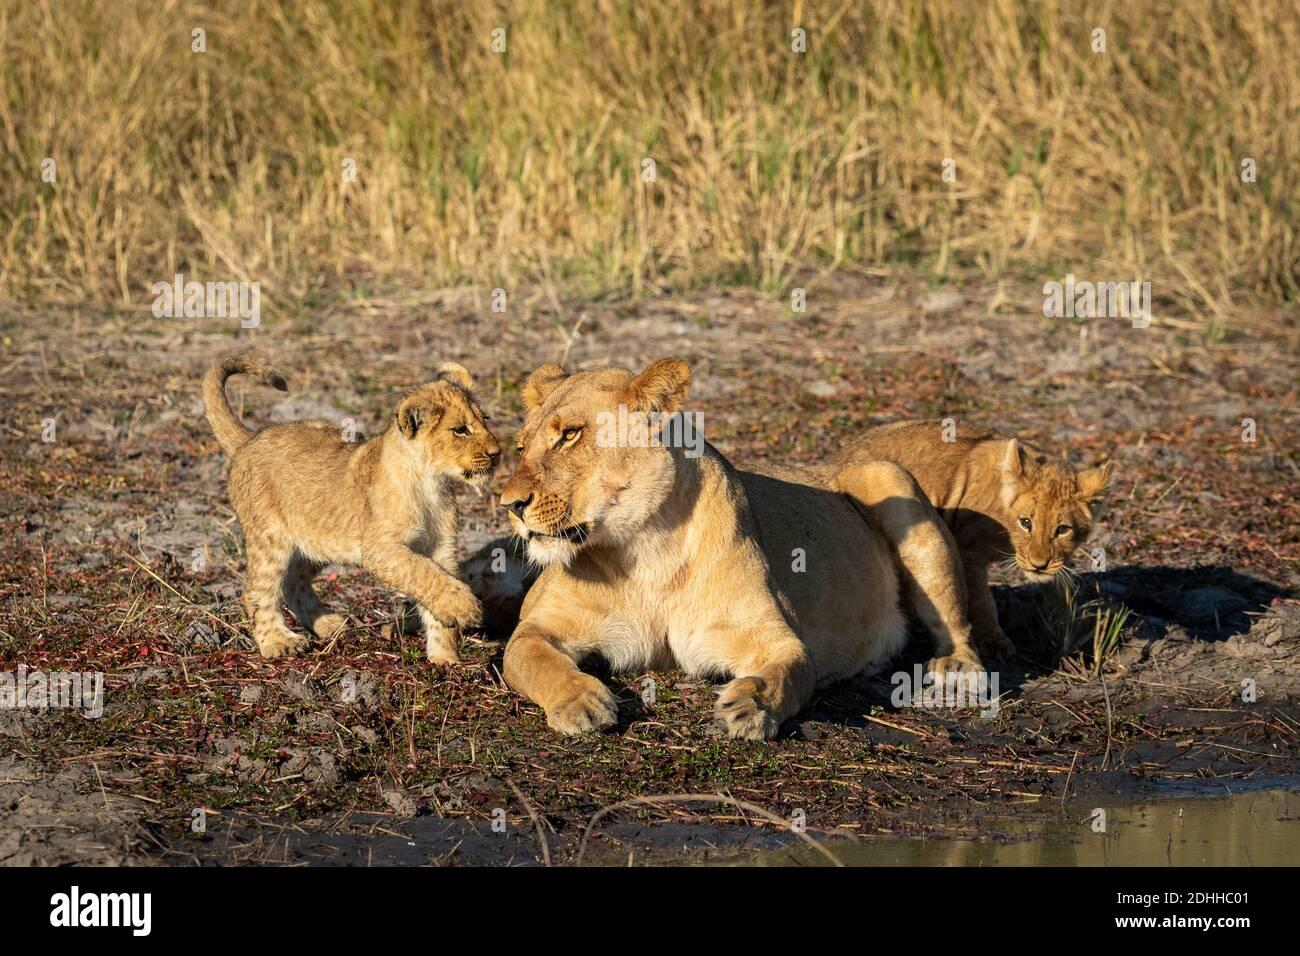 La lionne et ses deux petits lion de bébé jouant à la Bord de l'eau dans la réserve de Savuti au Botswana Banque D'Images